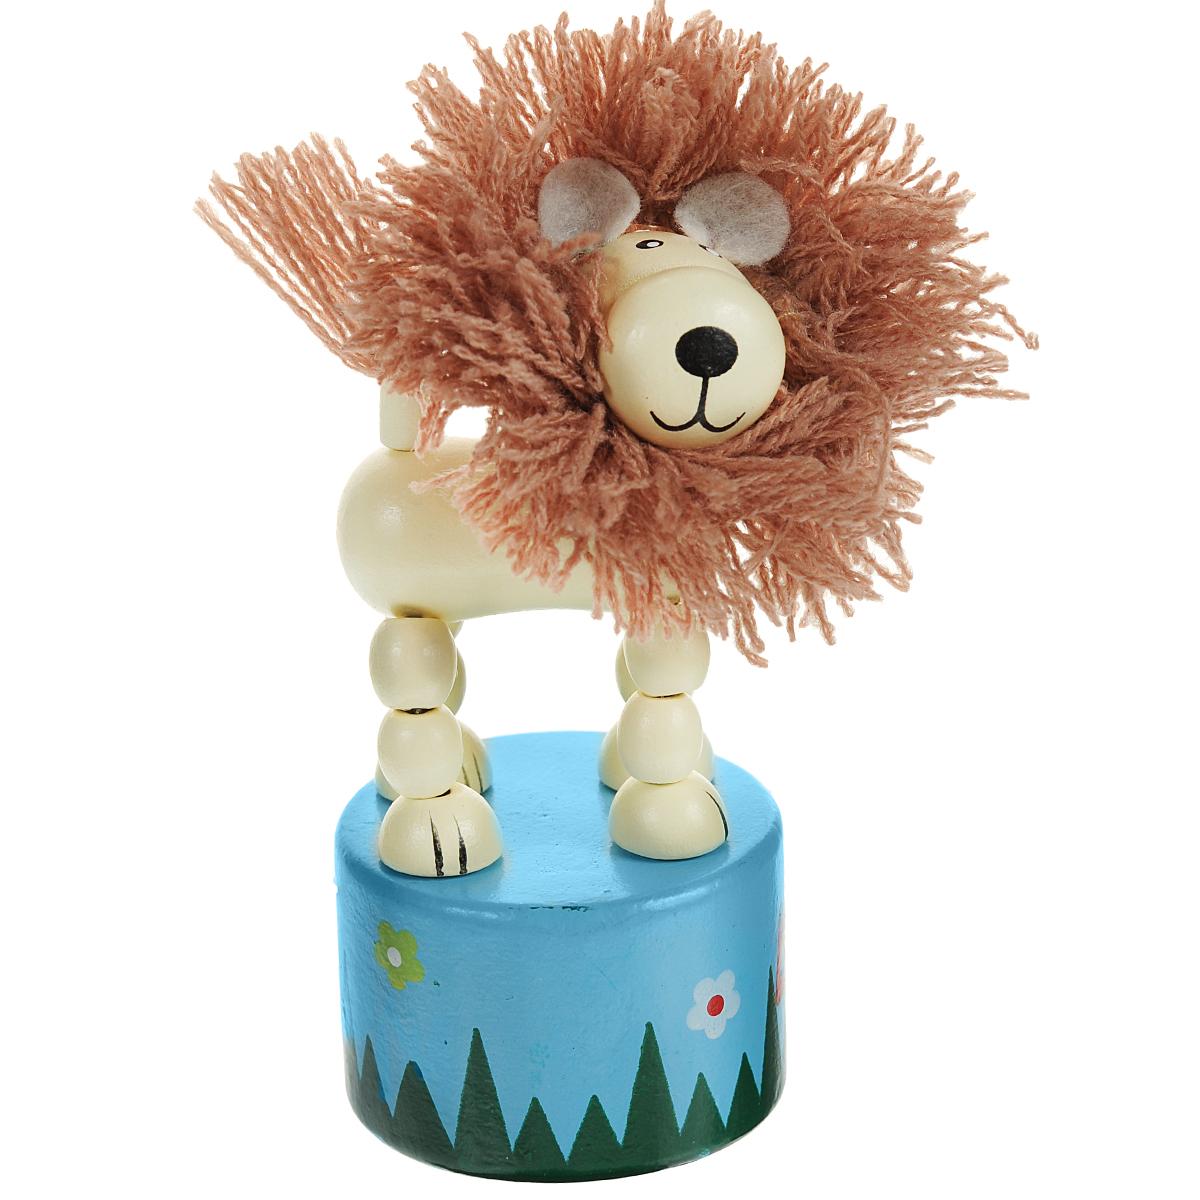 Mapacha Игрушка деревянная Танцующий лев с гривой, цвет: бежевый, голубой76441Игрушка Mapacha Танцующий лев с гривой надолго займет внимание вашего ребенка. Она выполнена в виде забавного льва с пушистой гривой, закрепленного на круглой подставке. Элементы игрушки нанизаны на прочную эластичную резинку. Если нажать пальцем на кнопку снизу подставки, то лев начнет танцевать – двигаться, наклоняясь в разные стороны. Игрушка Mapacha Танцующий лев с гривой развивает воображение, координацию движений и мелкую моторику рук.